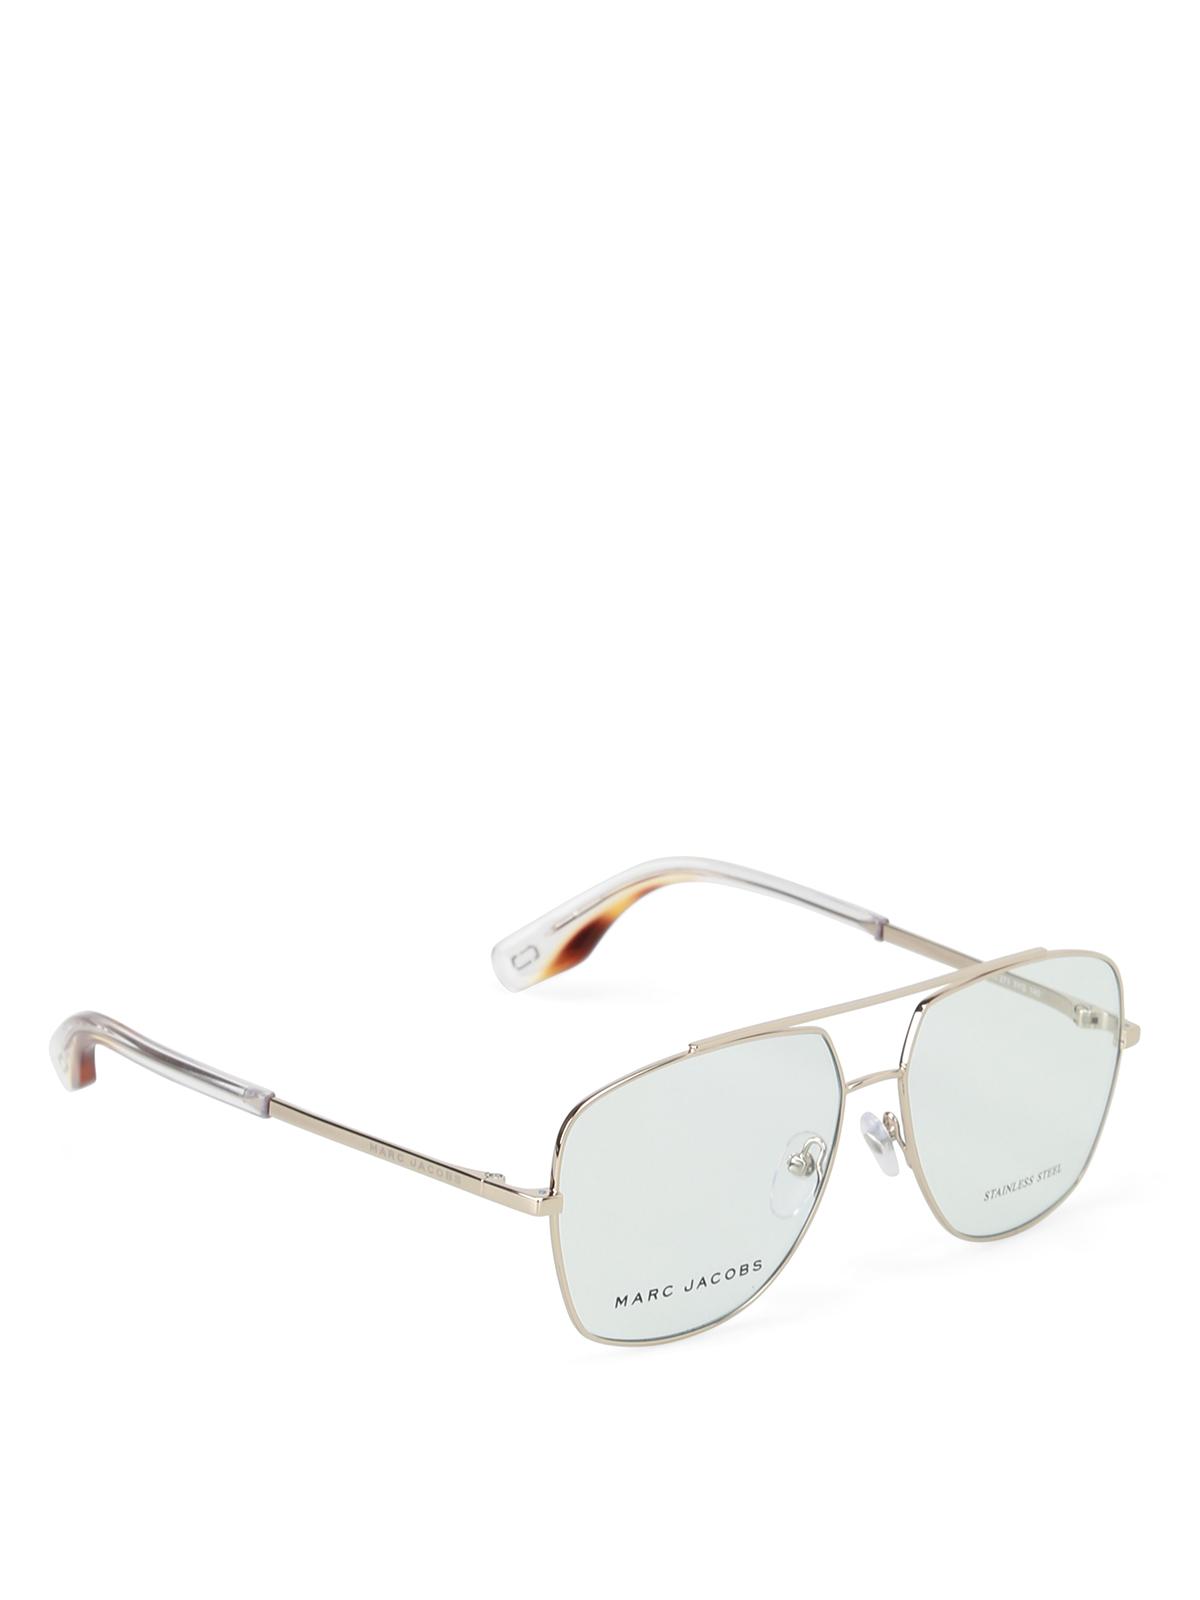 c24ae265a7 Marc Jacobs - Light Gold frame aviator glasses - glasses - MARC2713YG14